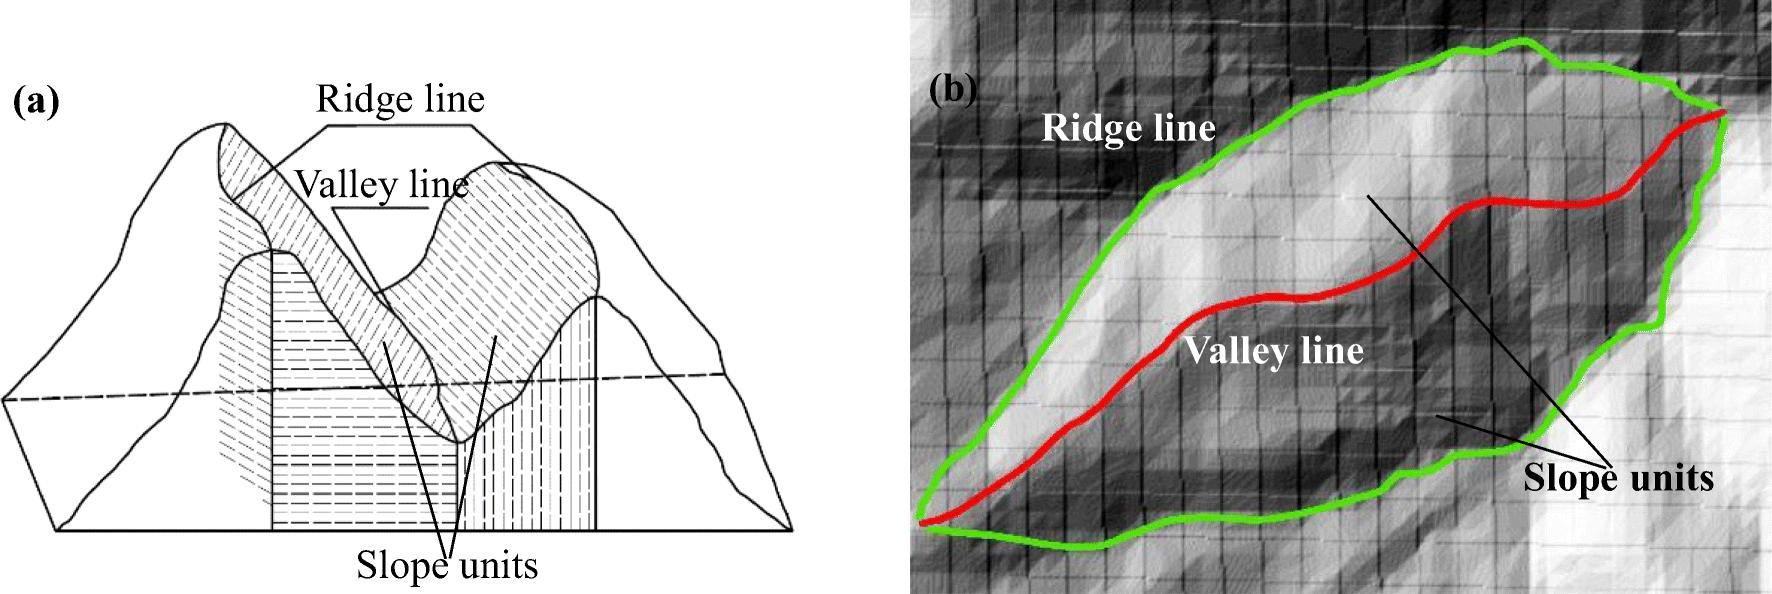 Application of a GIS-based slope unit method for landslide